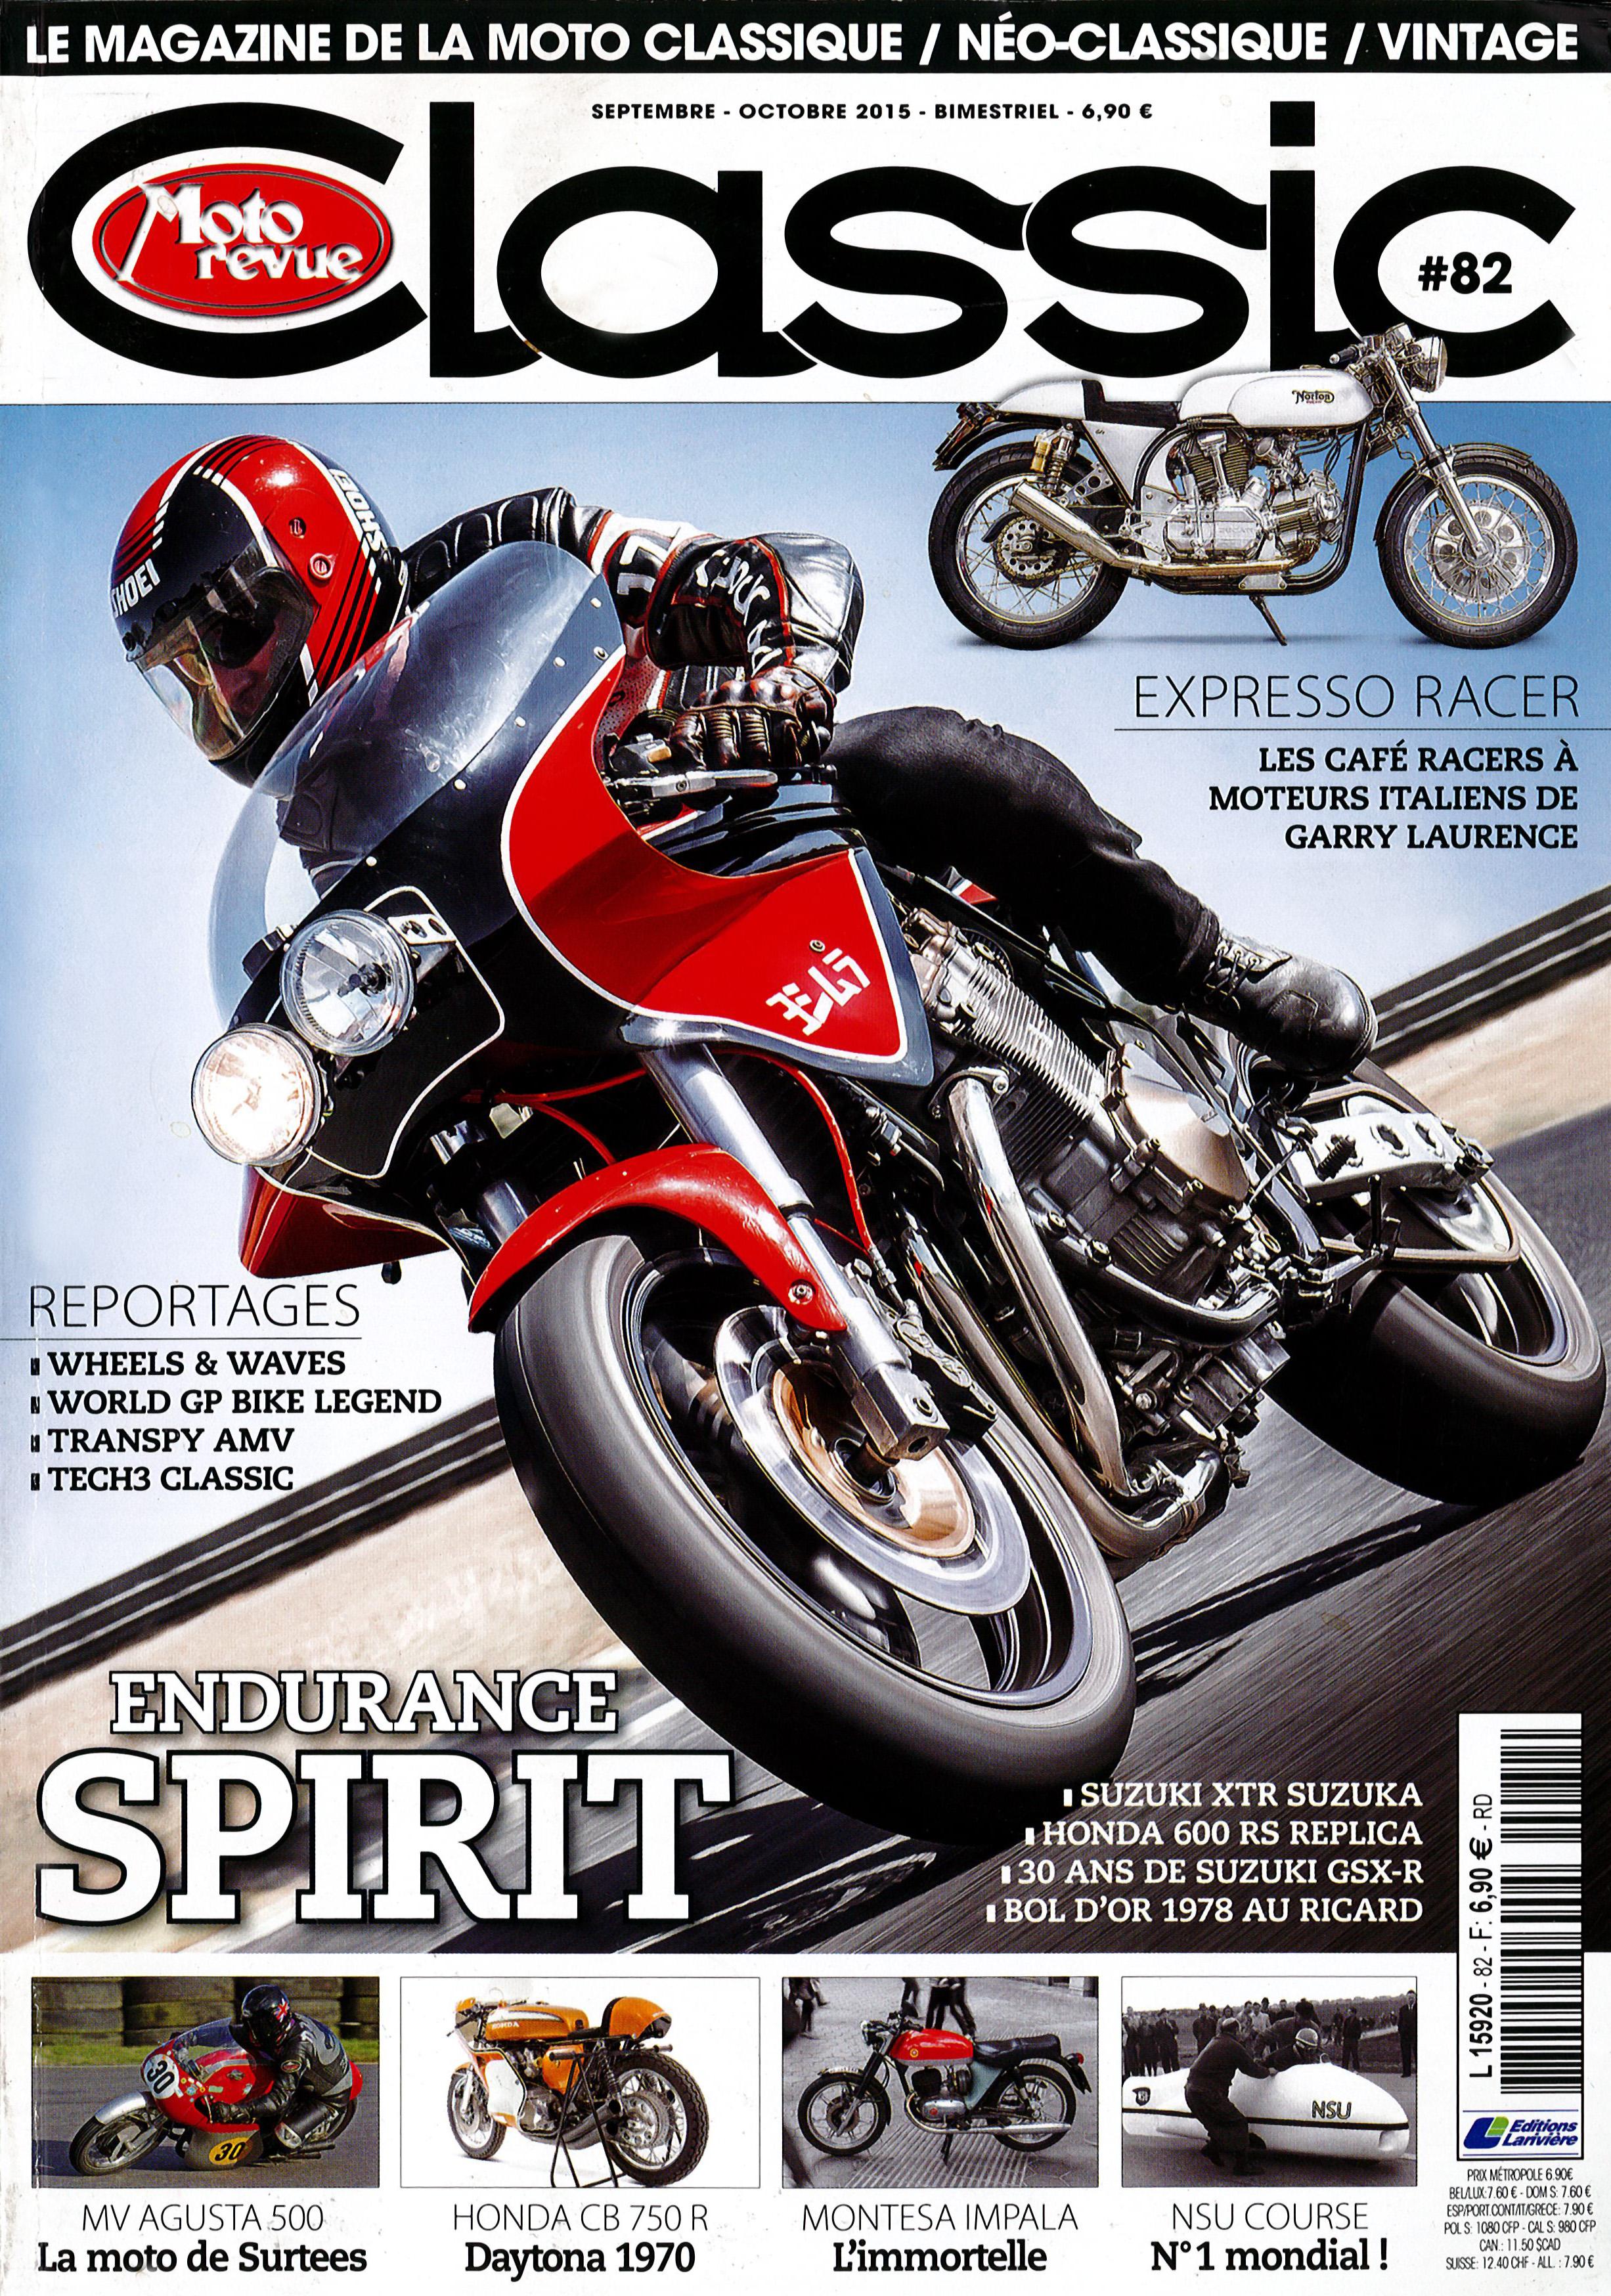 CLASSIC Moto Revue - settembre/ottobre 2015